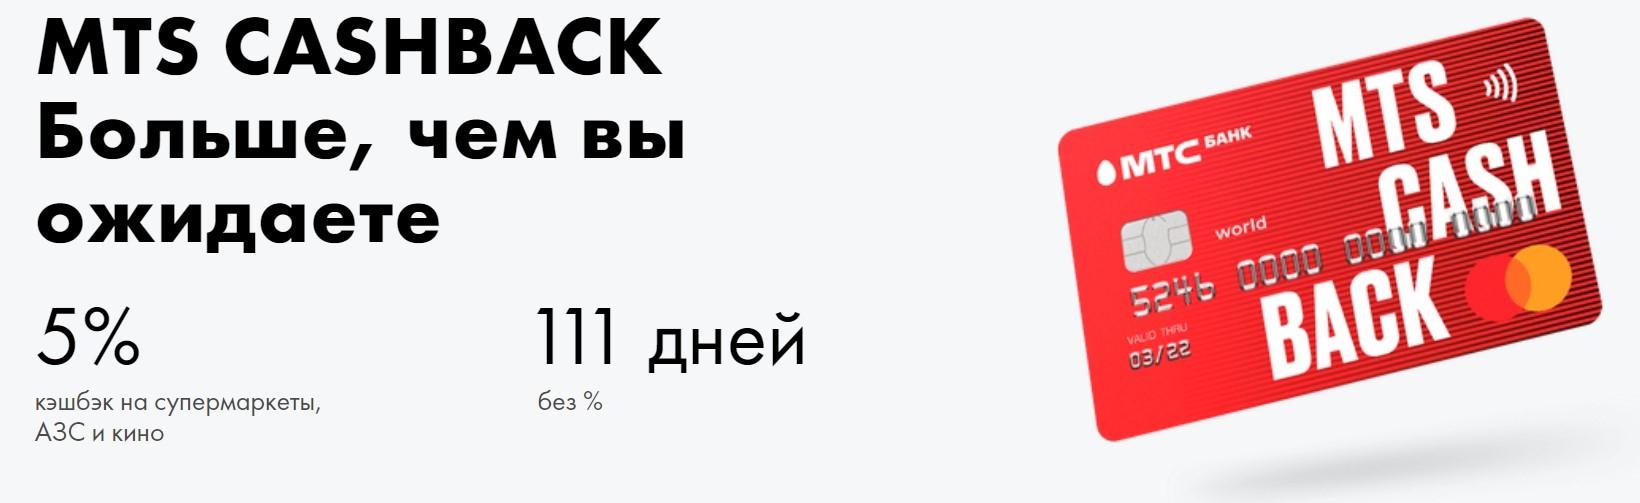 Кредитная карта Cashback от МТС Банка